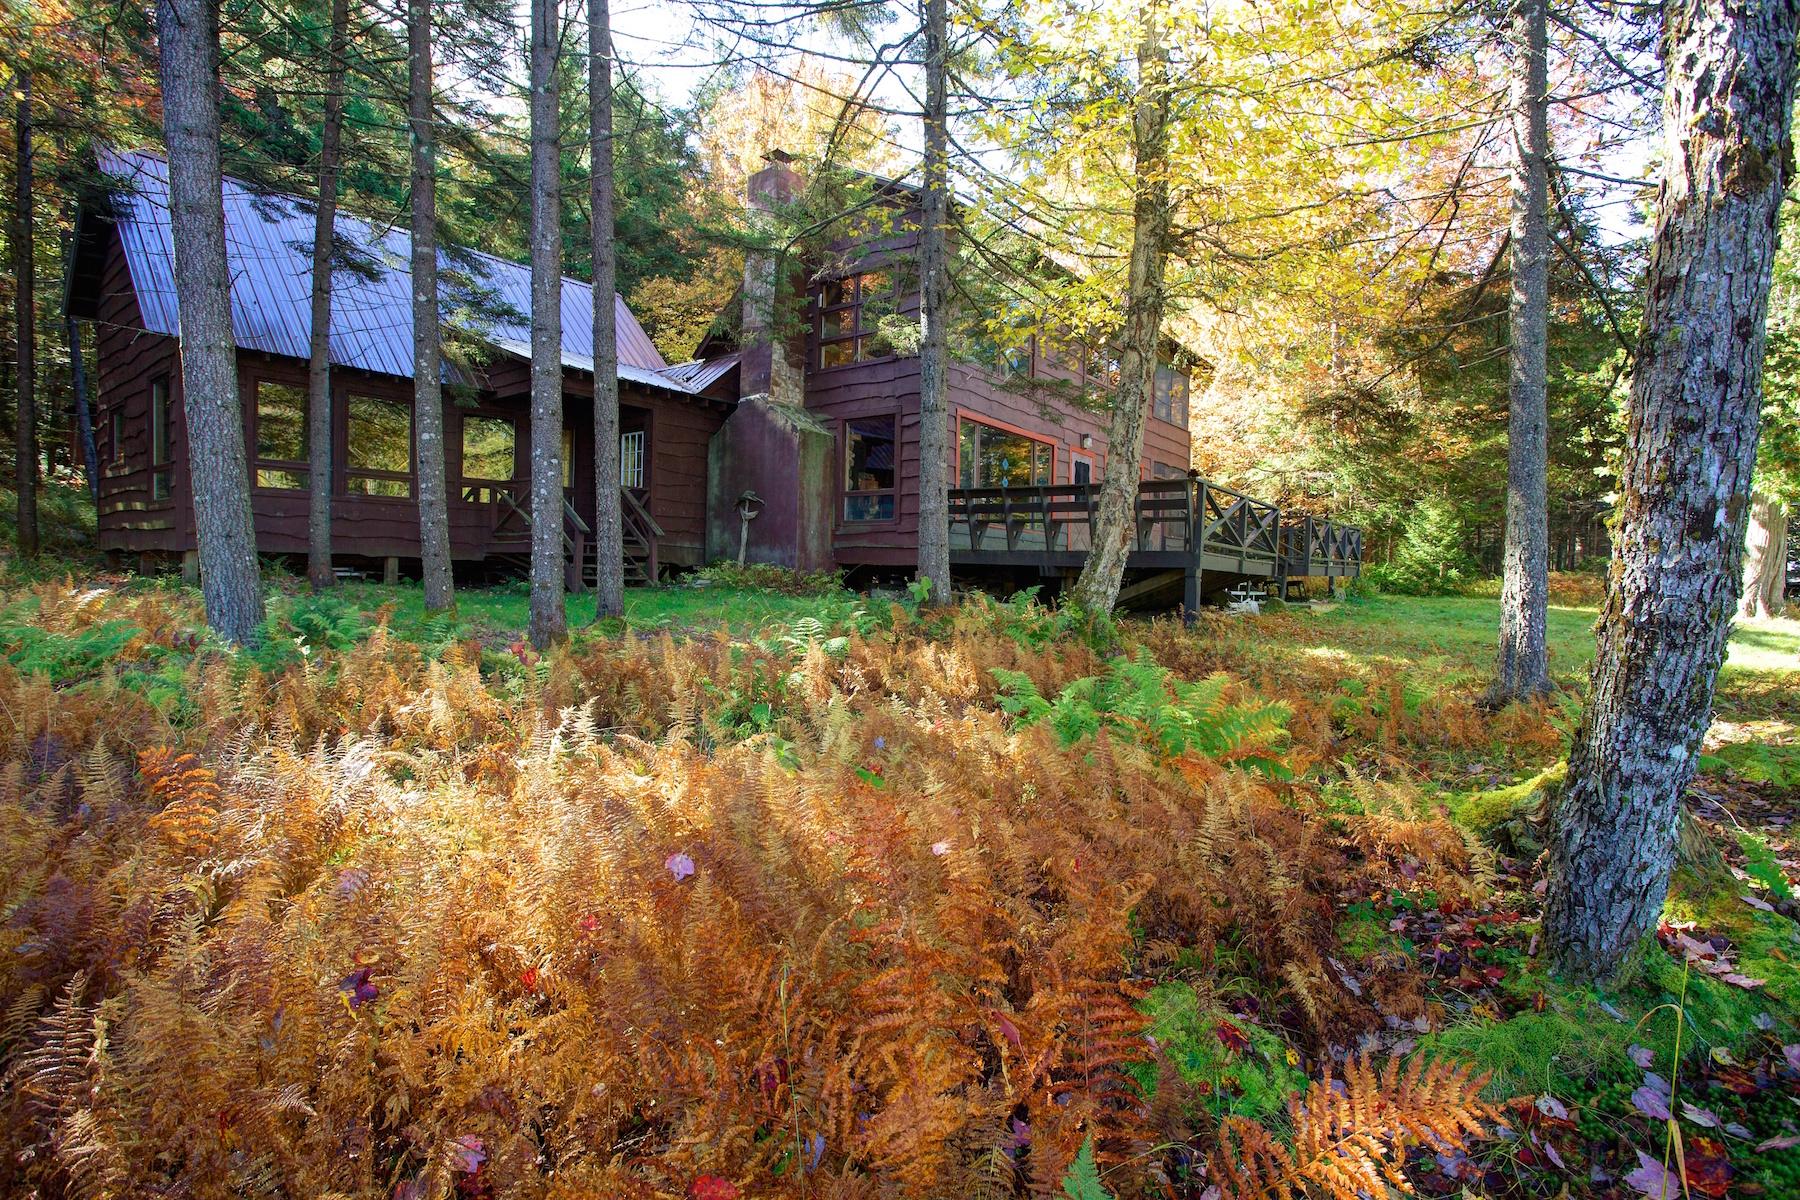 独户住宅 为 销售 在 Exclusive Adirondack Family Camp 505 Judson Road 雄鹰海湾, 纽约州 13331 美国